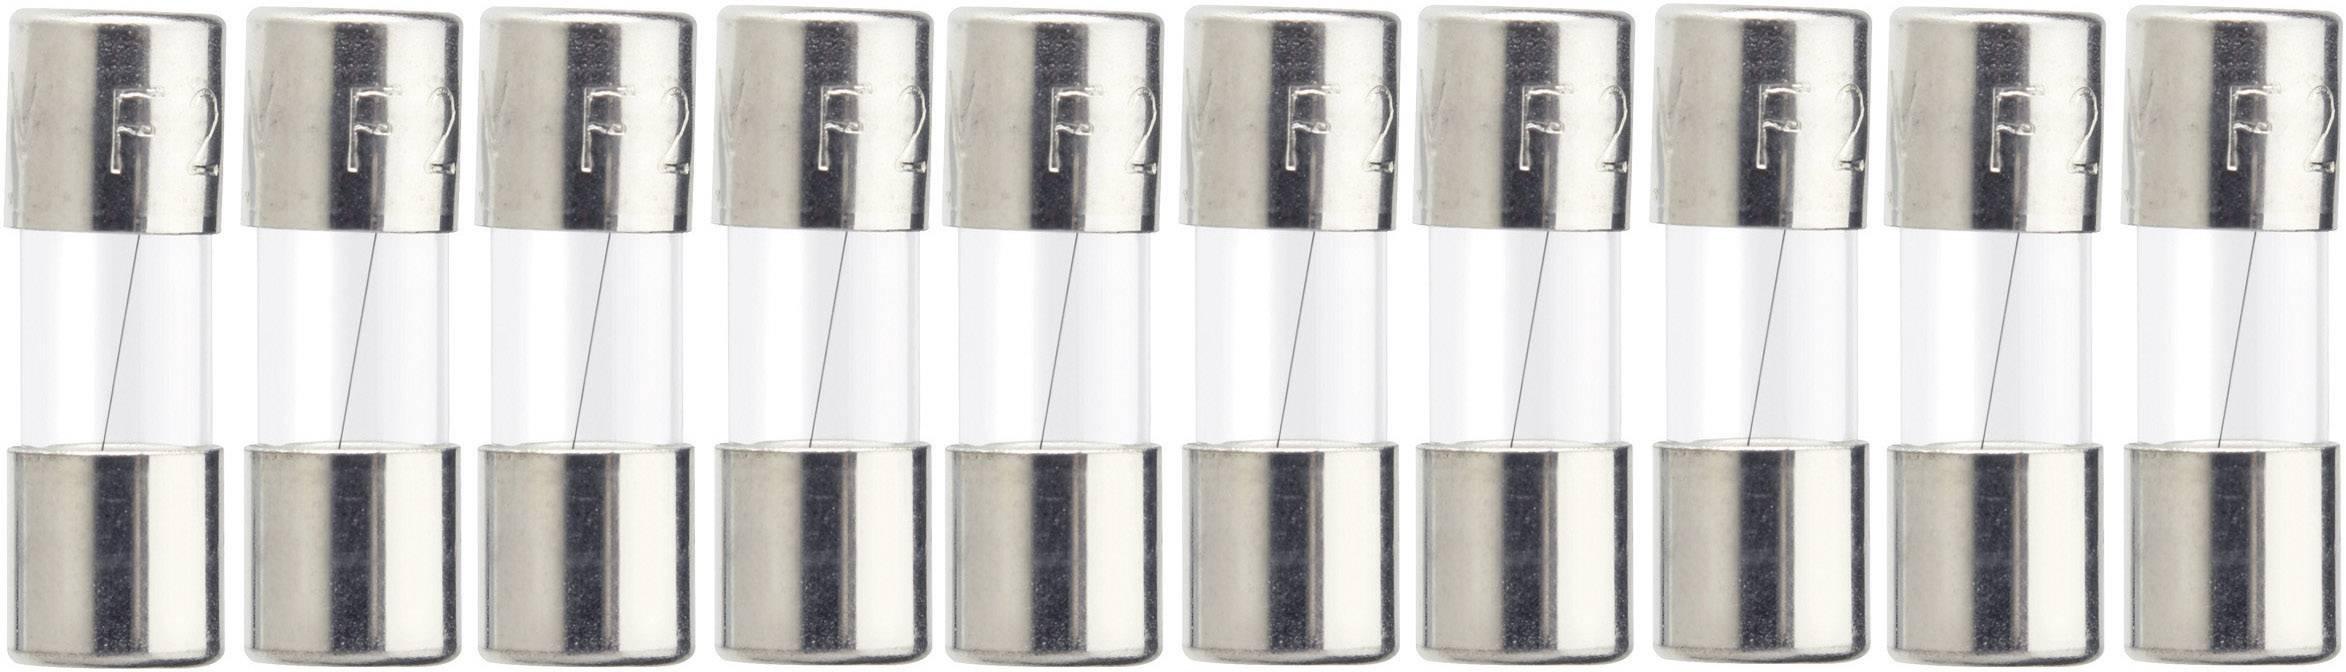 Jemná poistka ESKA 515617, 1 A, 250 V, (Ø x d) 5 mm x 15 mm, rýchly -F-, 10 ks